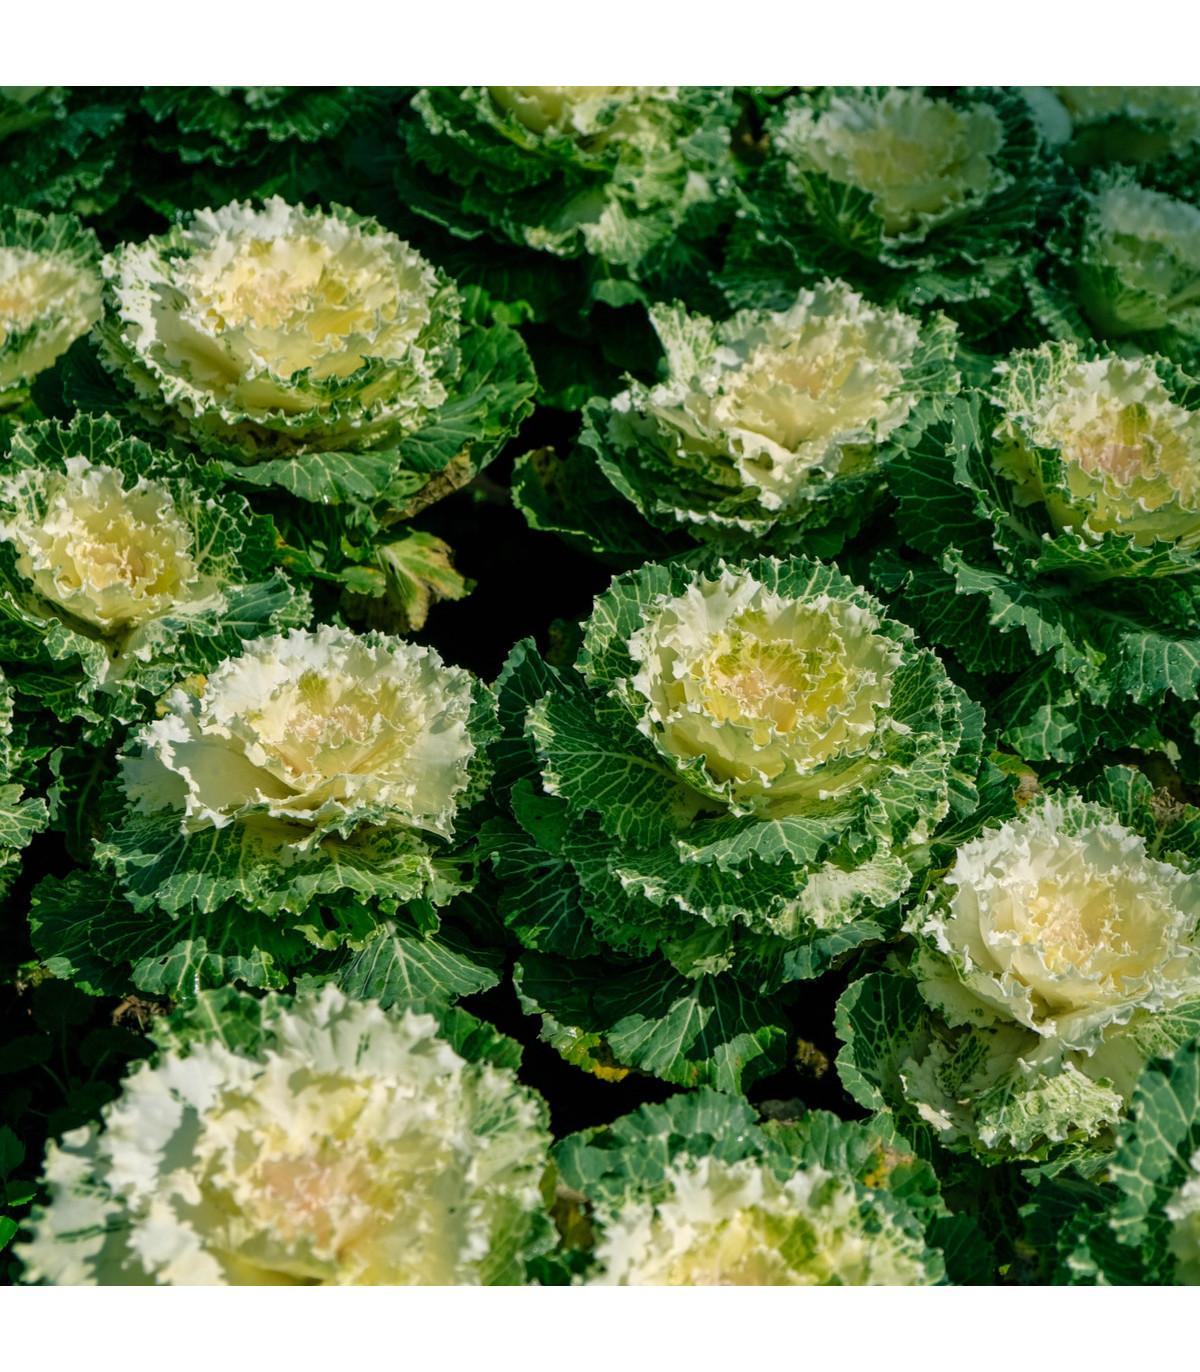 Okrasné zelí Nagoya F1 - Brassica oleracea - osivo okrasného zelí - 20 ks